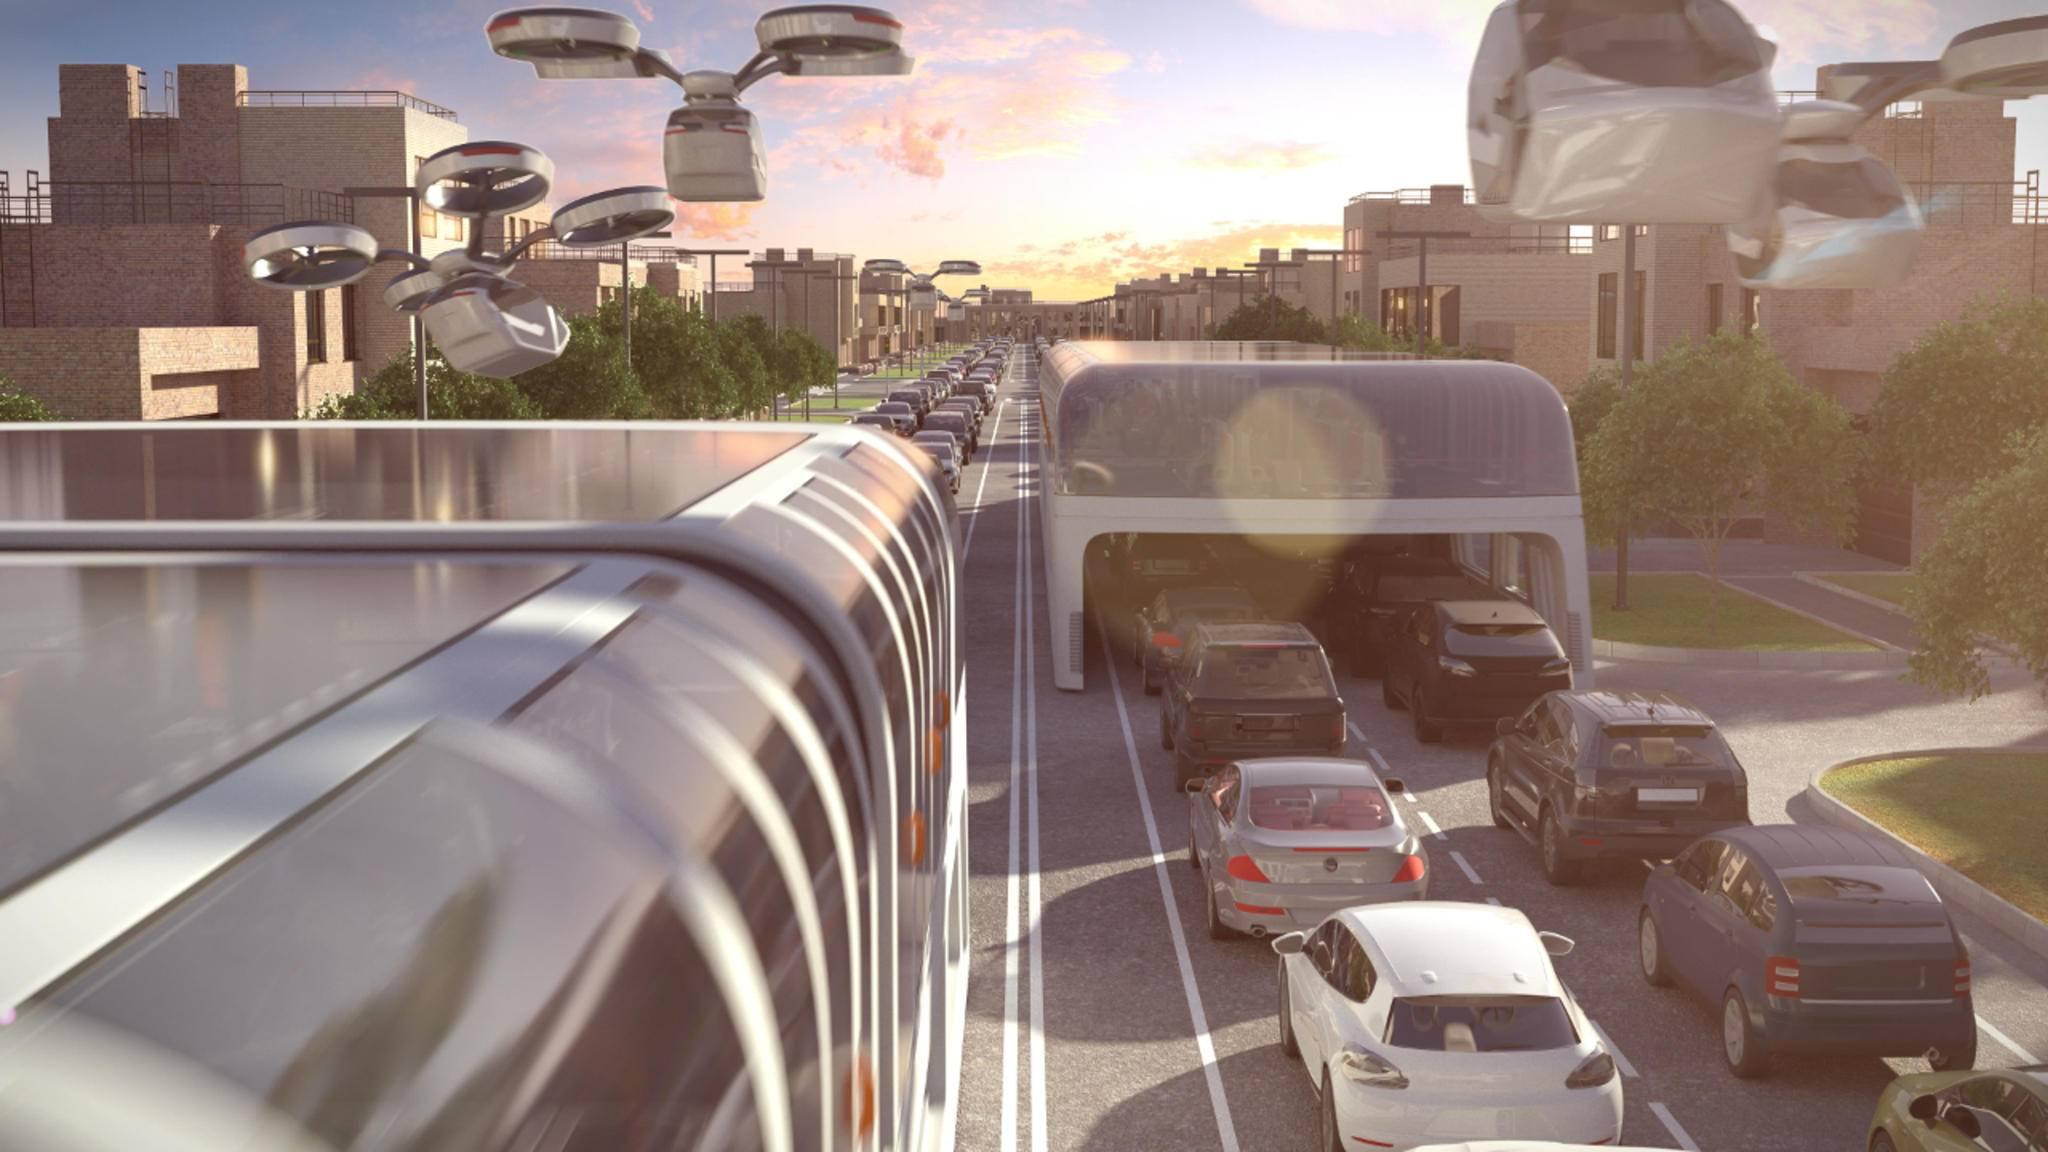 Fliegende Autos müssen kein Traum bleiben – diverse Unternehmen arbeiten bereits an Prototypen.